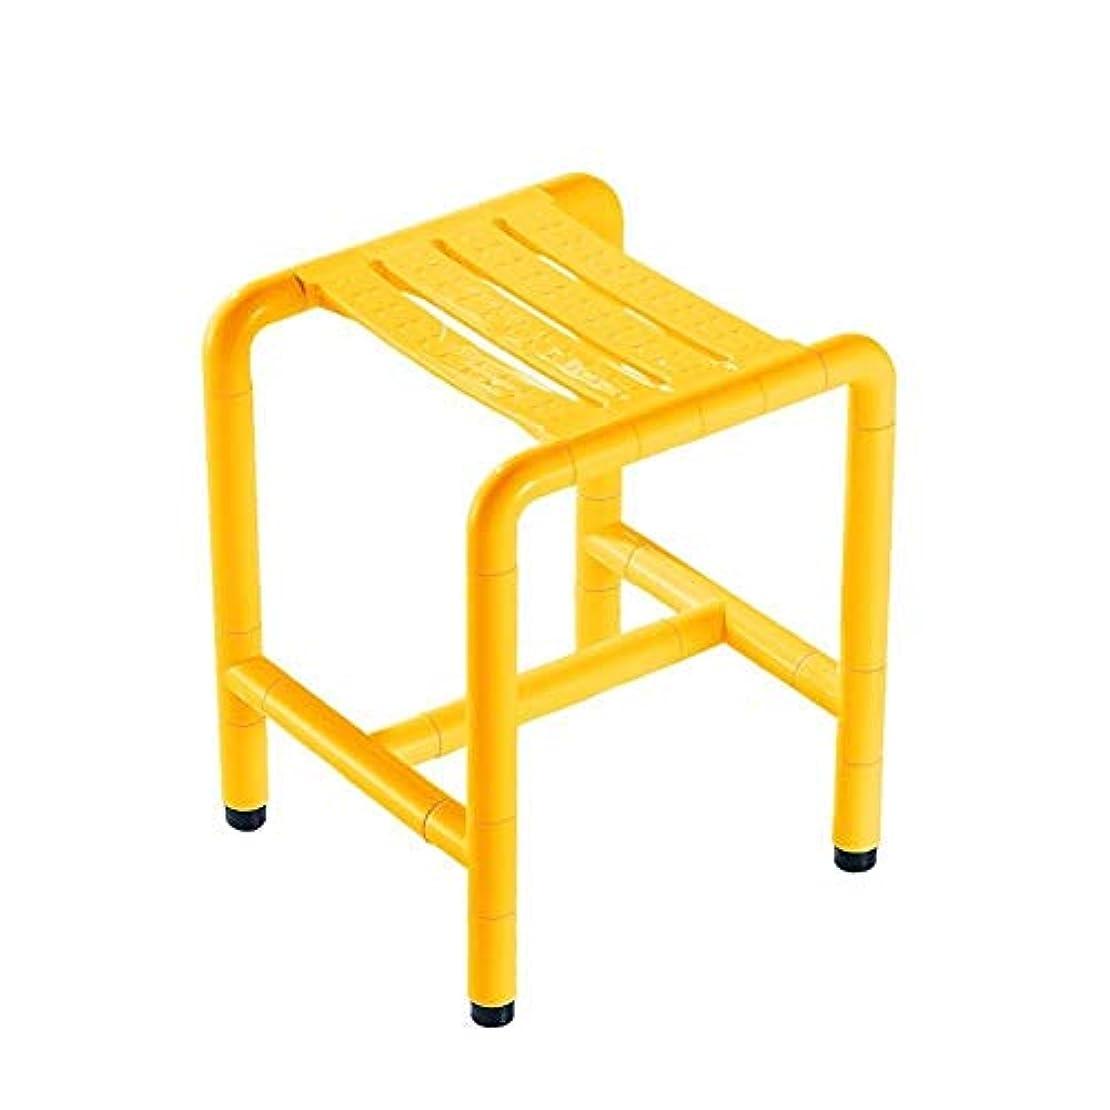 増幅器起きる場合バスシート、軽量高さ調節可能なシャワースツール、バスルームの安全性とセキュリティ、高齢者、身体障害者 (Color : 黄)